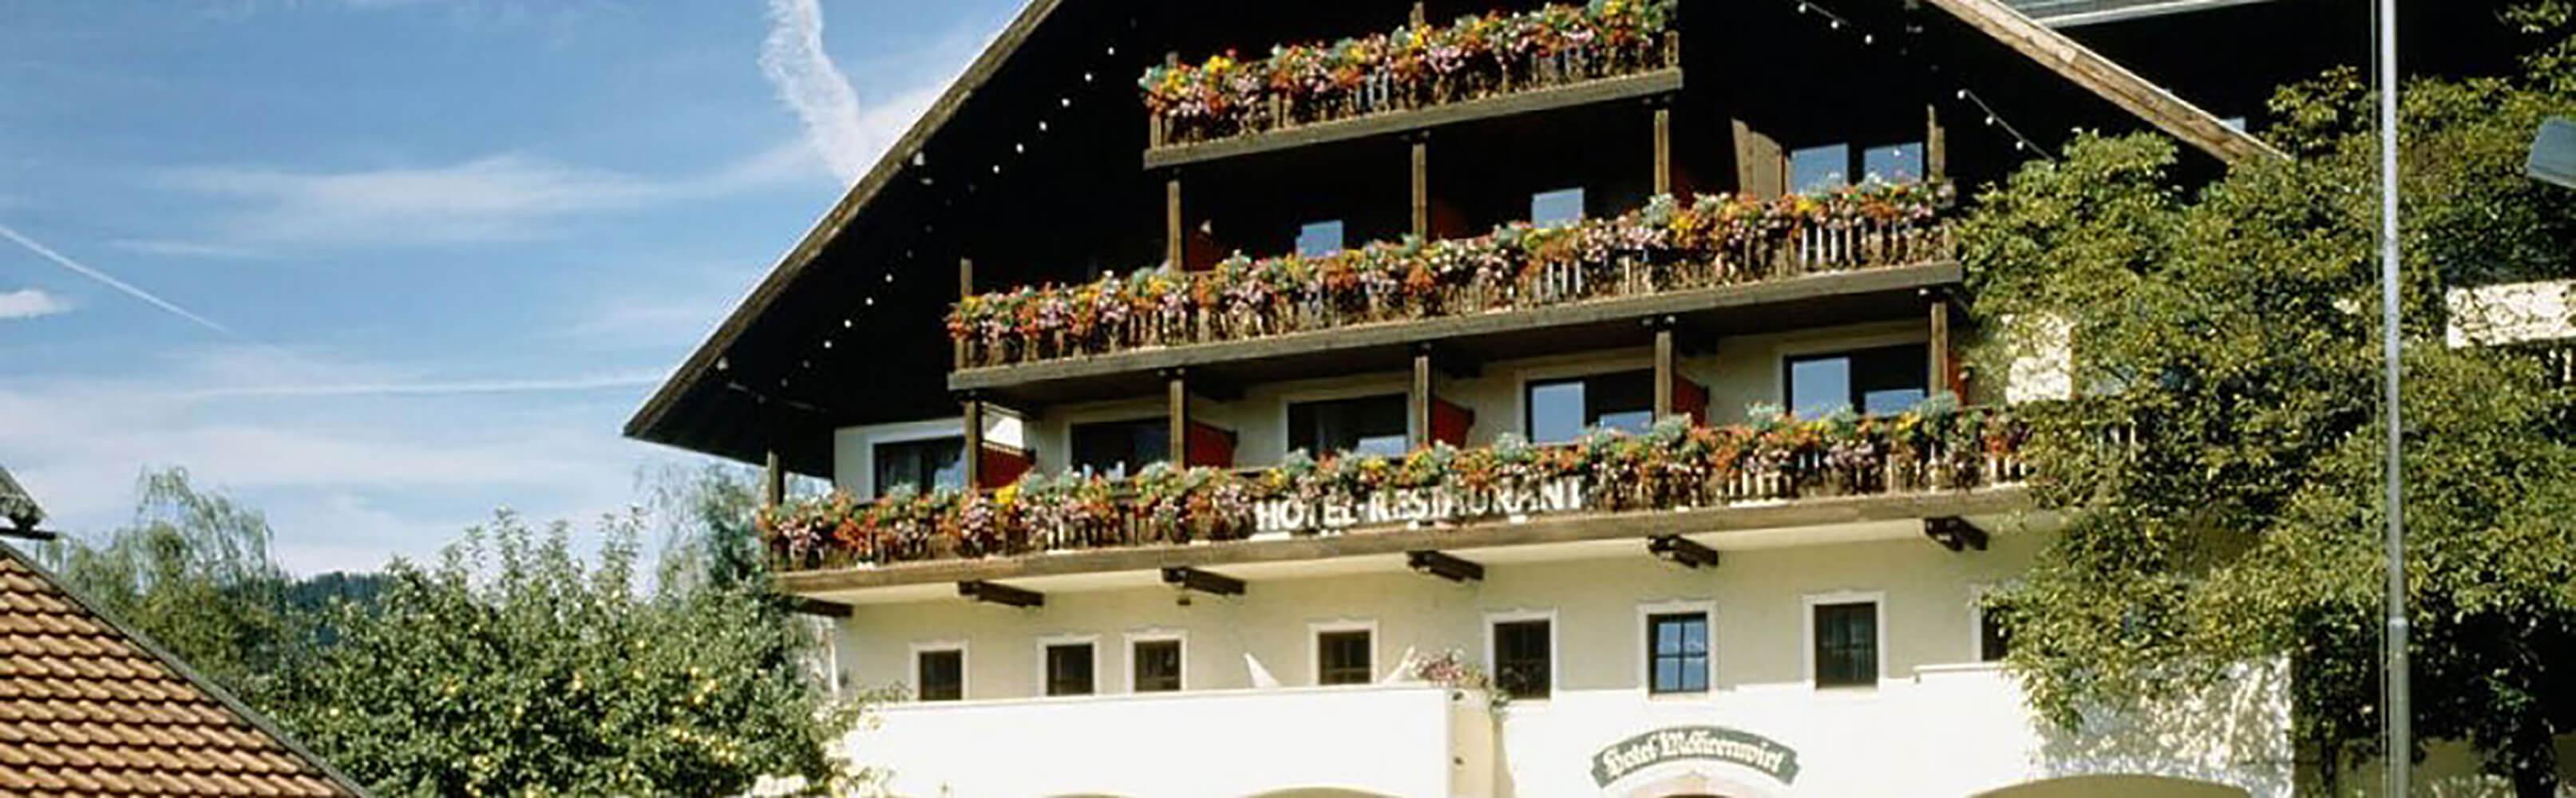 Naturidyll Hotels in Österreich und Südtirol 1